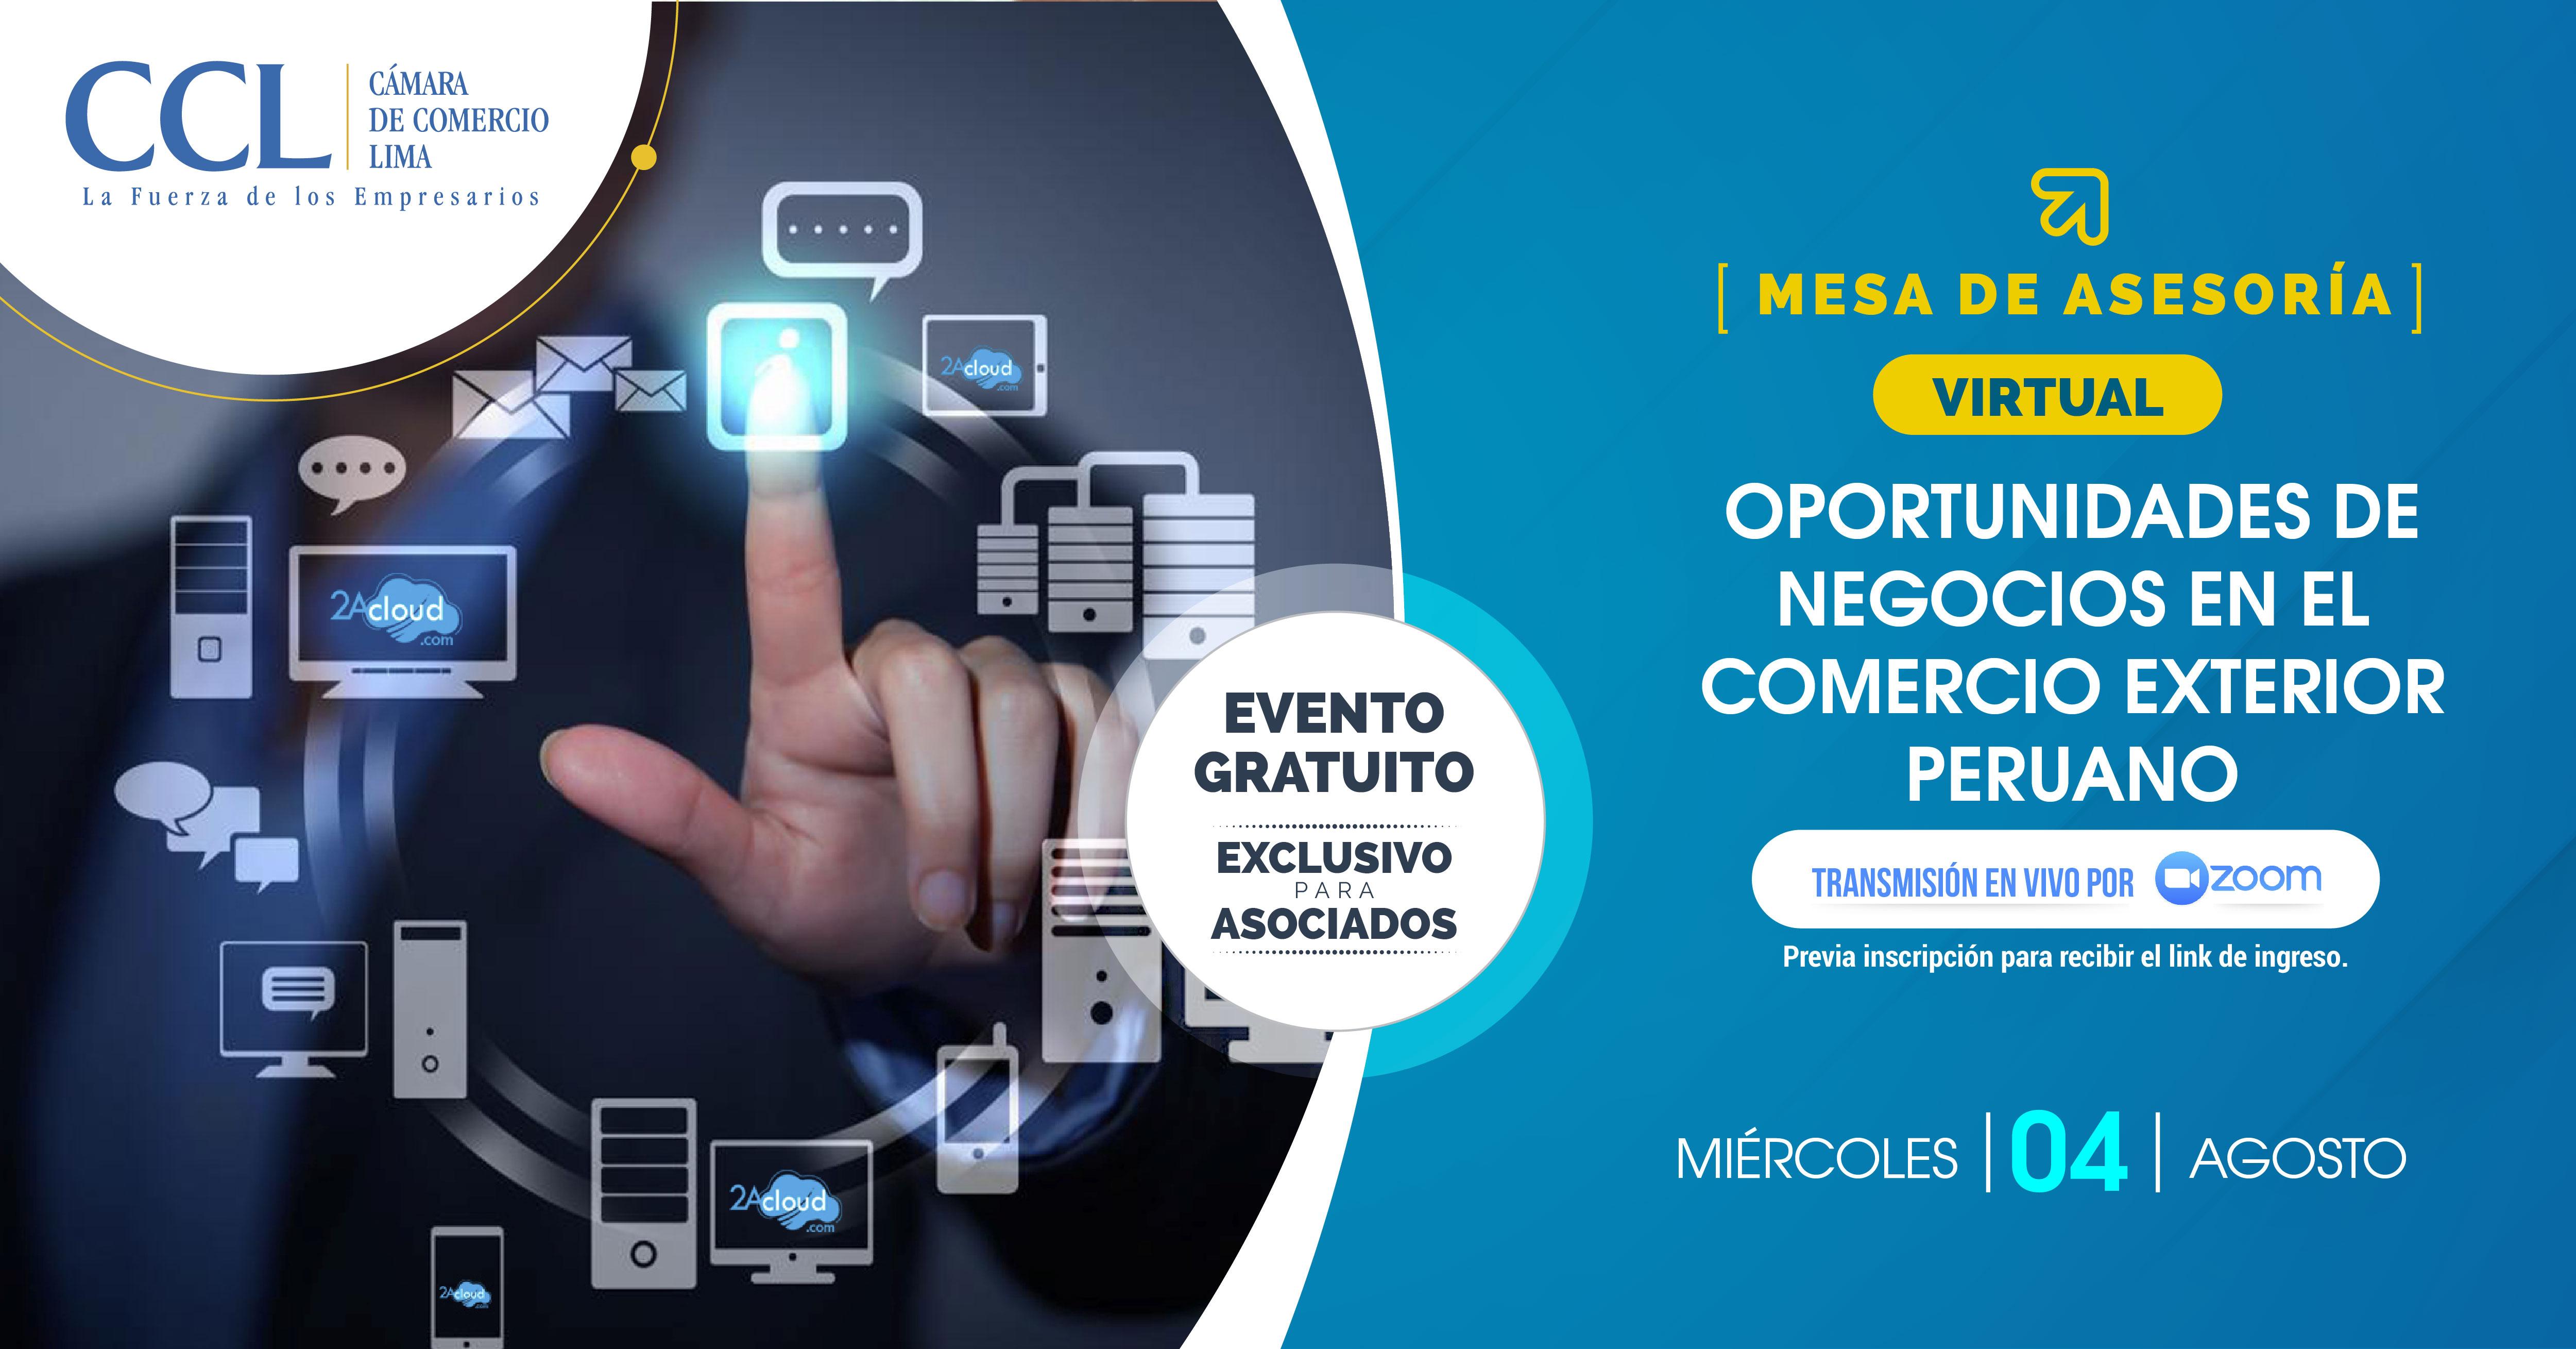 Oportunidades de Negocios en el Comercio Exterior Peruano 04.08.2021